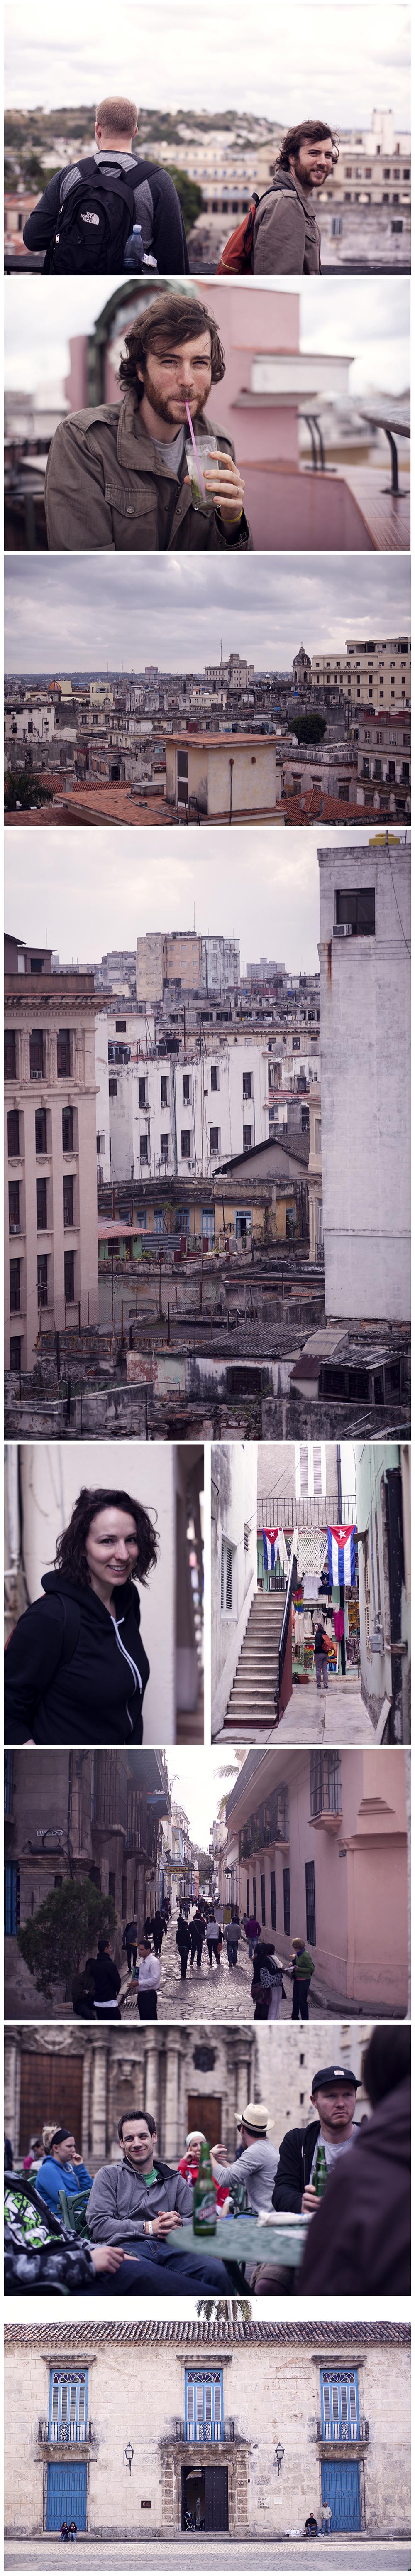 Havana_blog009.jpg